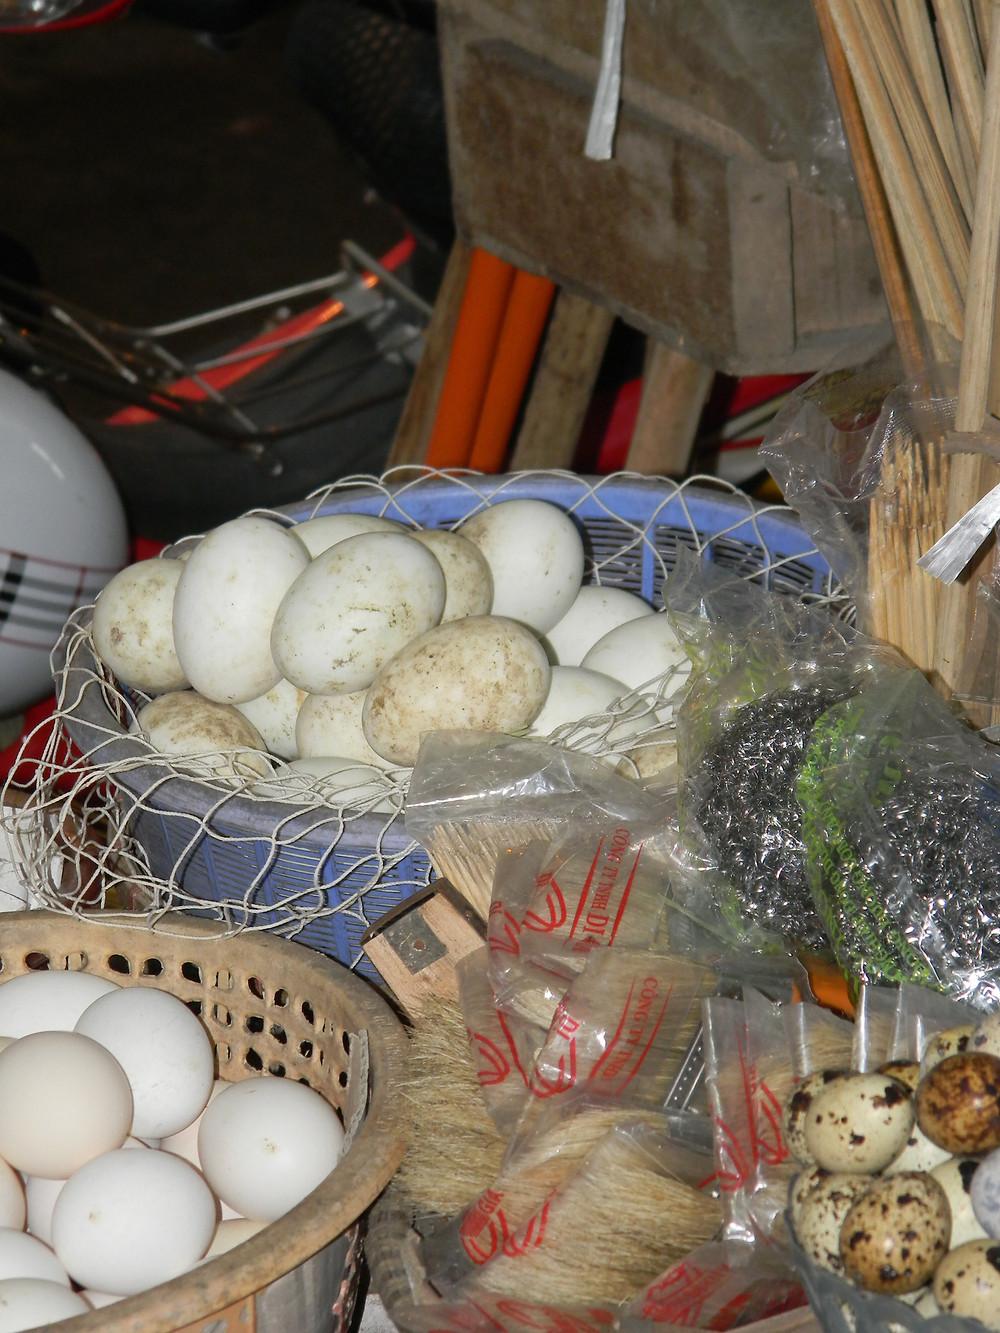 Fertilised eggs - in a net